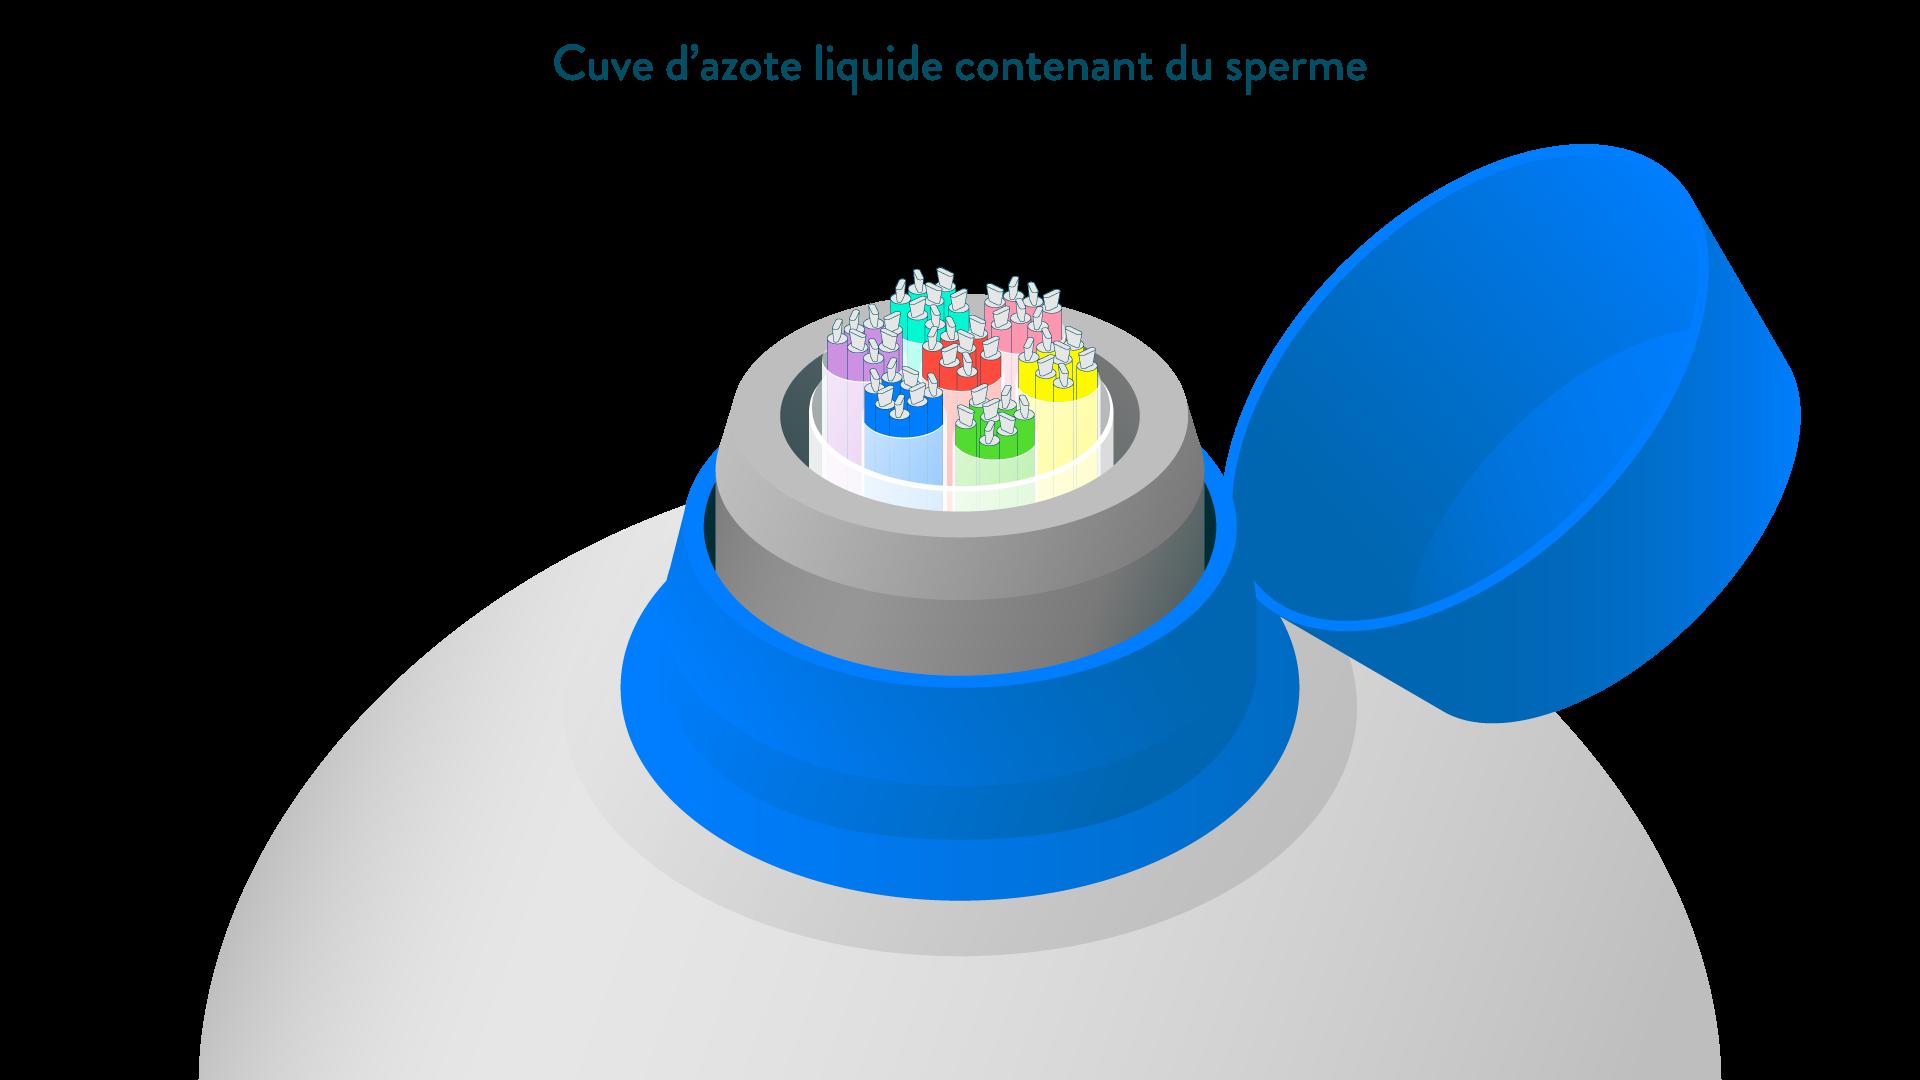 Cuve d'azote liquide contenant du sperme conservé